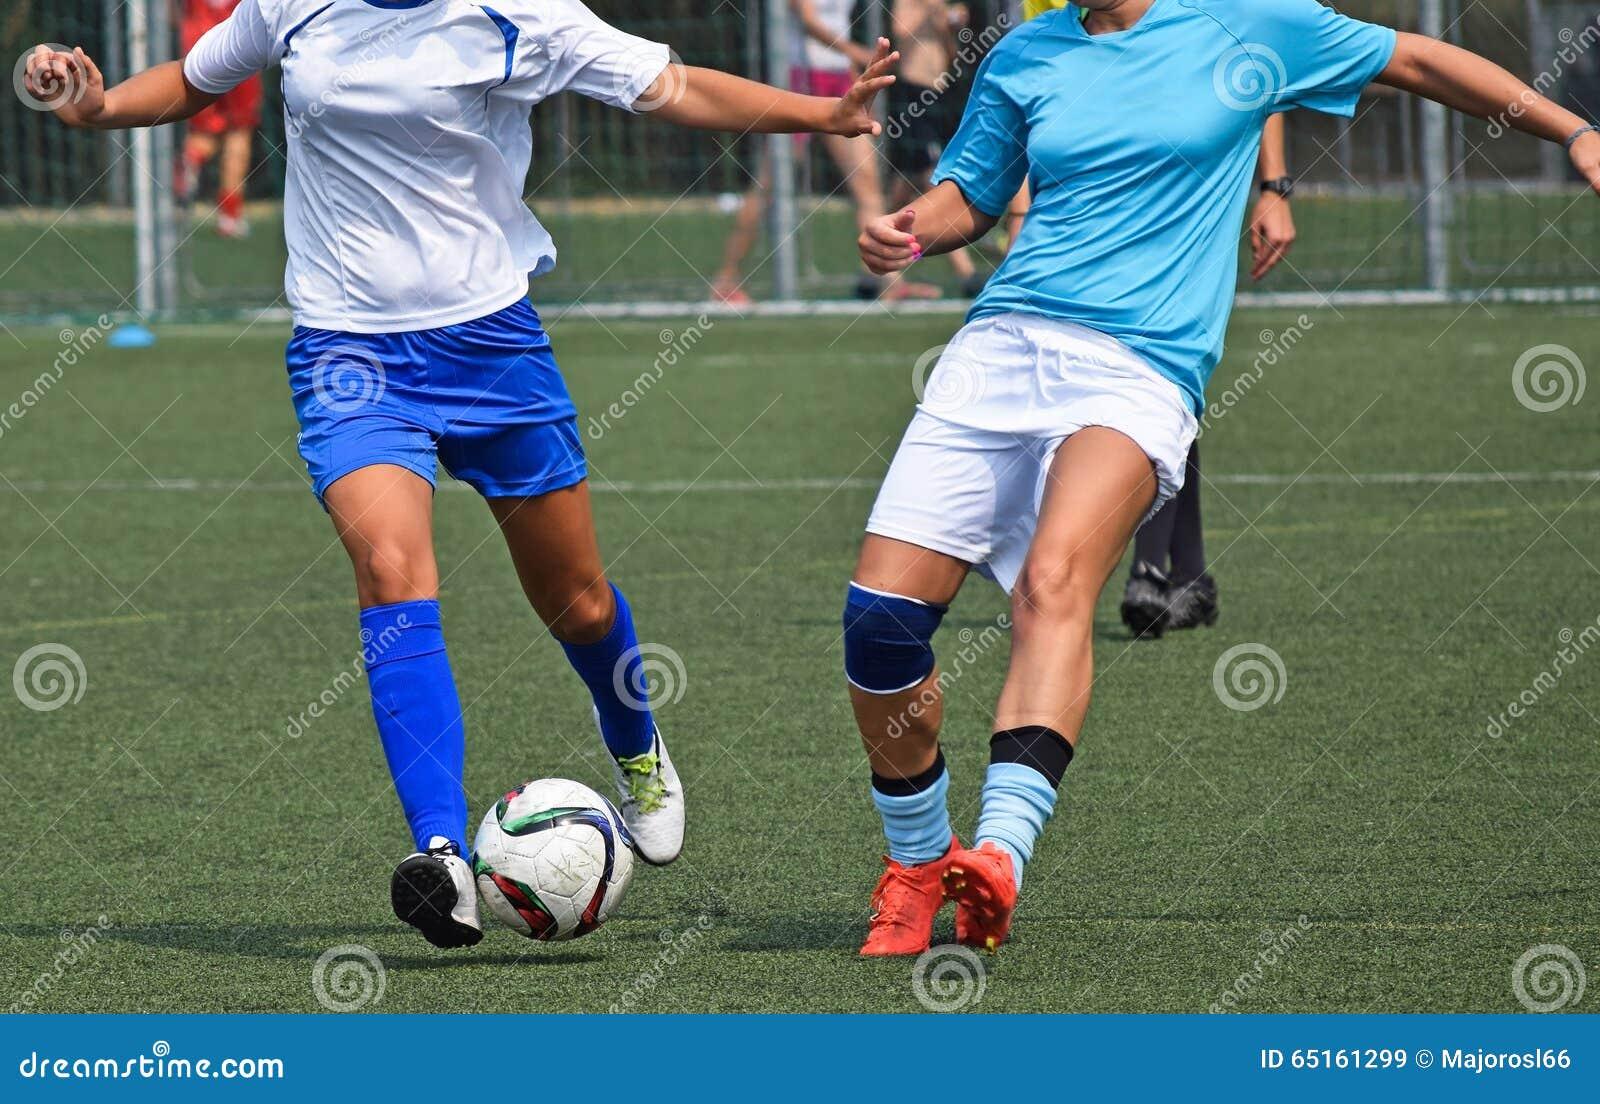 Frauen Spielen